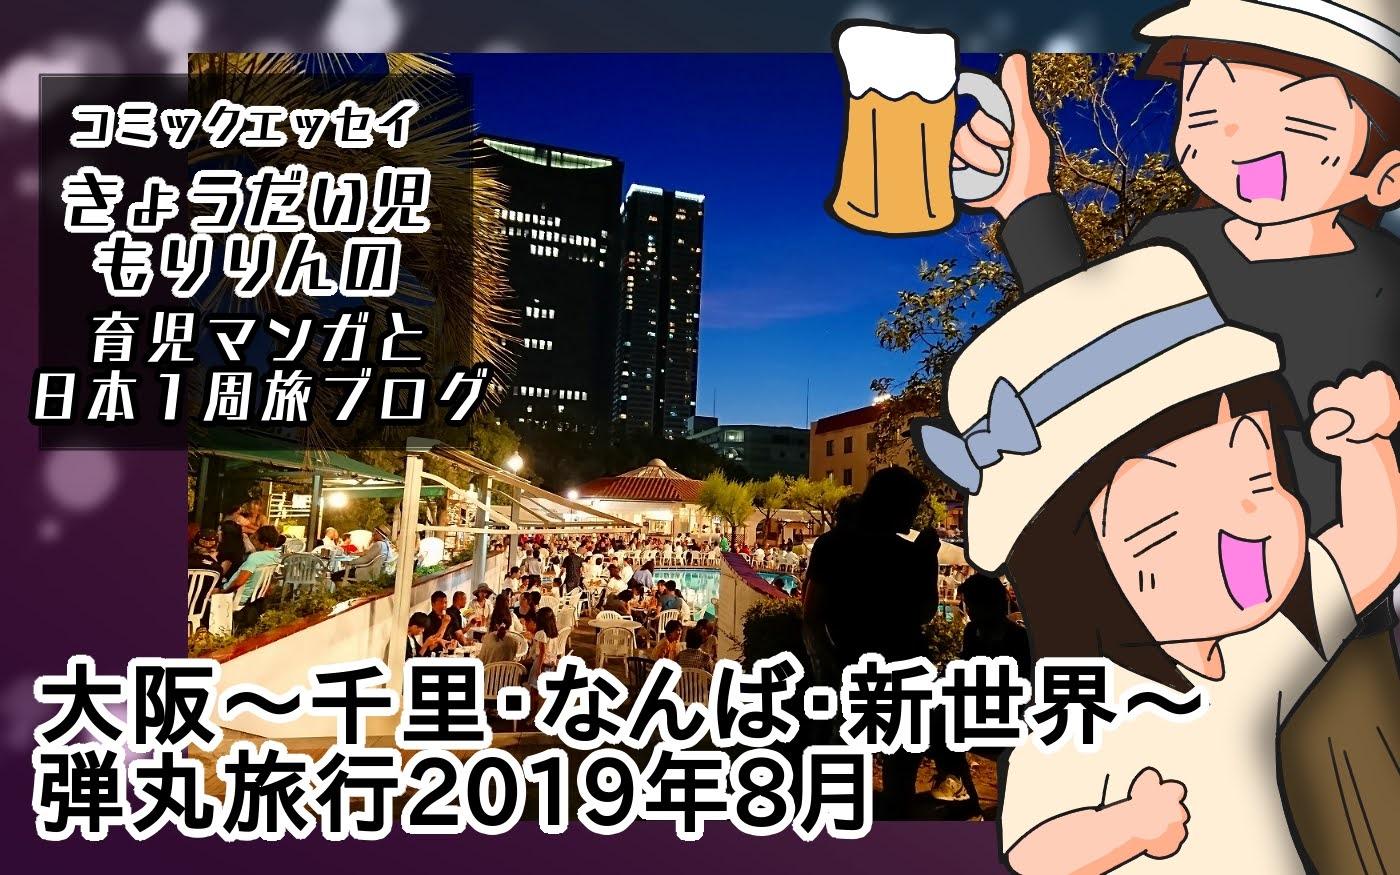 大阪~千里・なんば・新世界~弾丸旅行2019